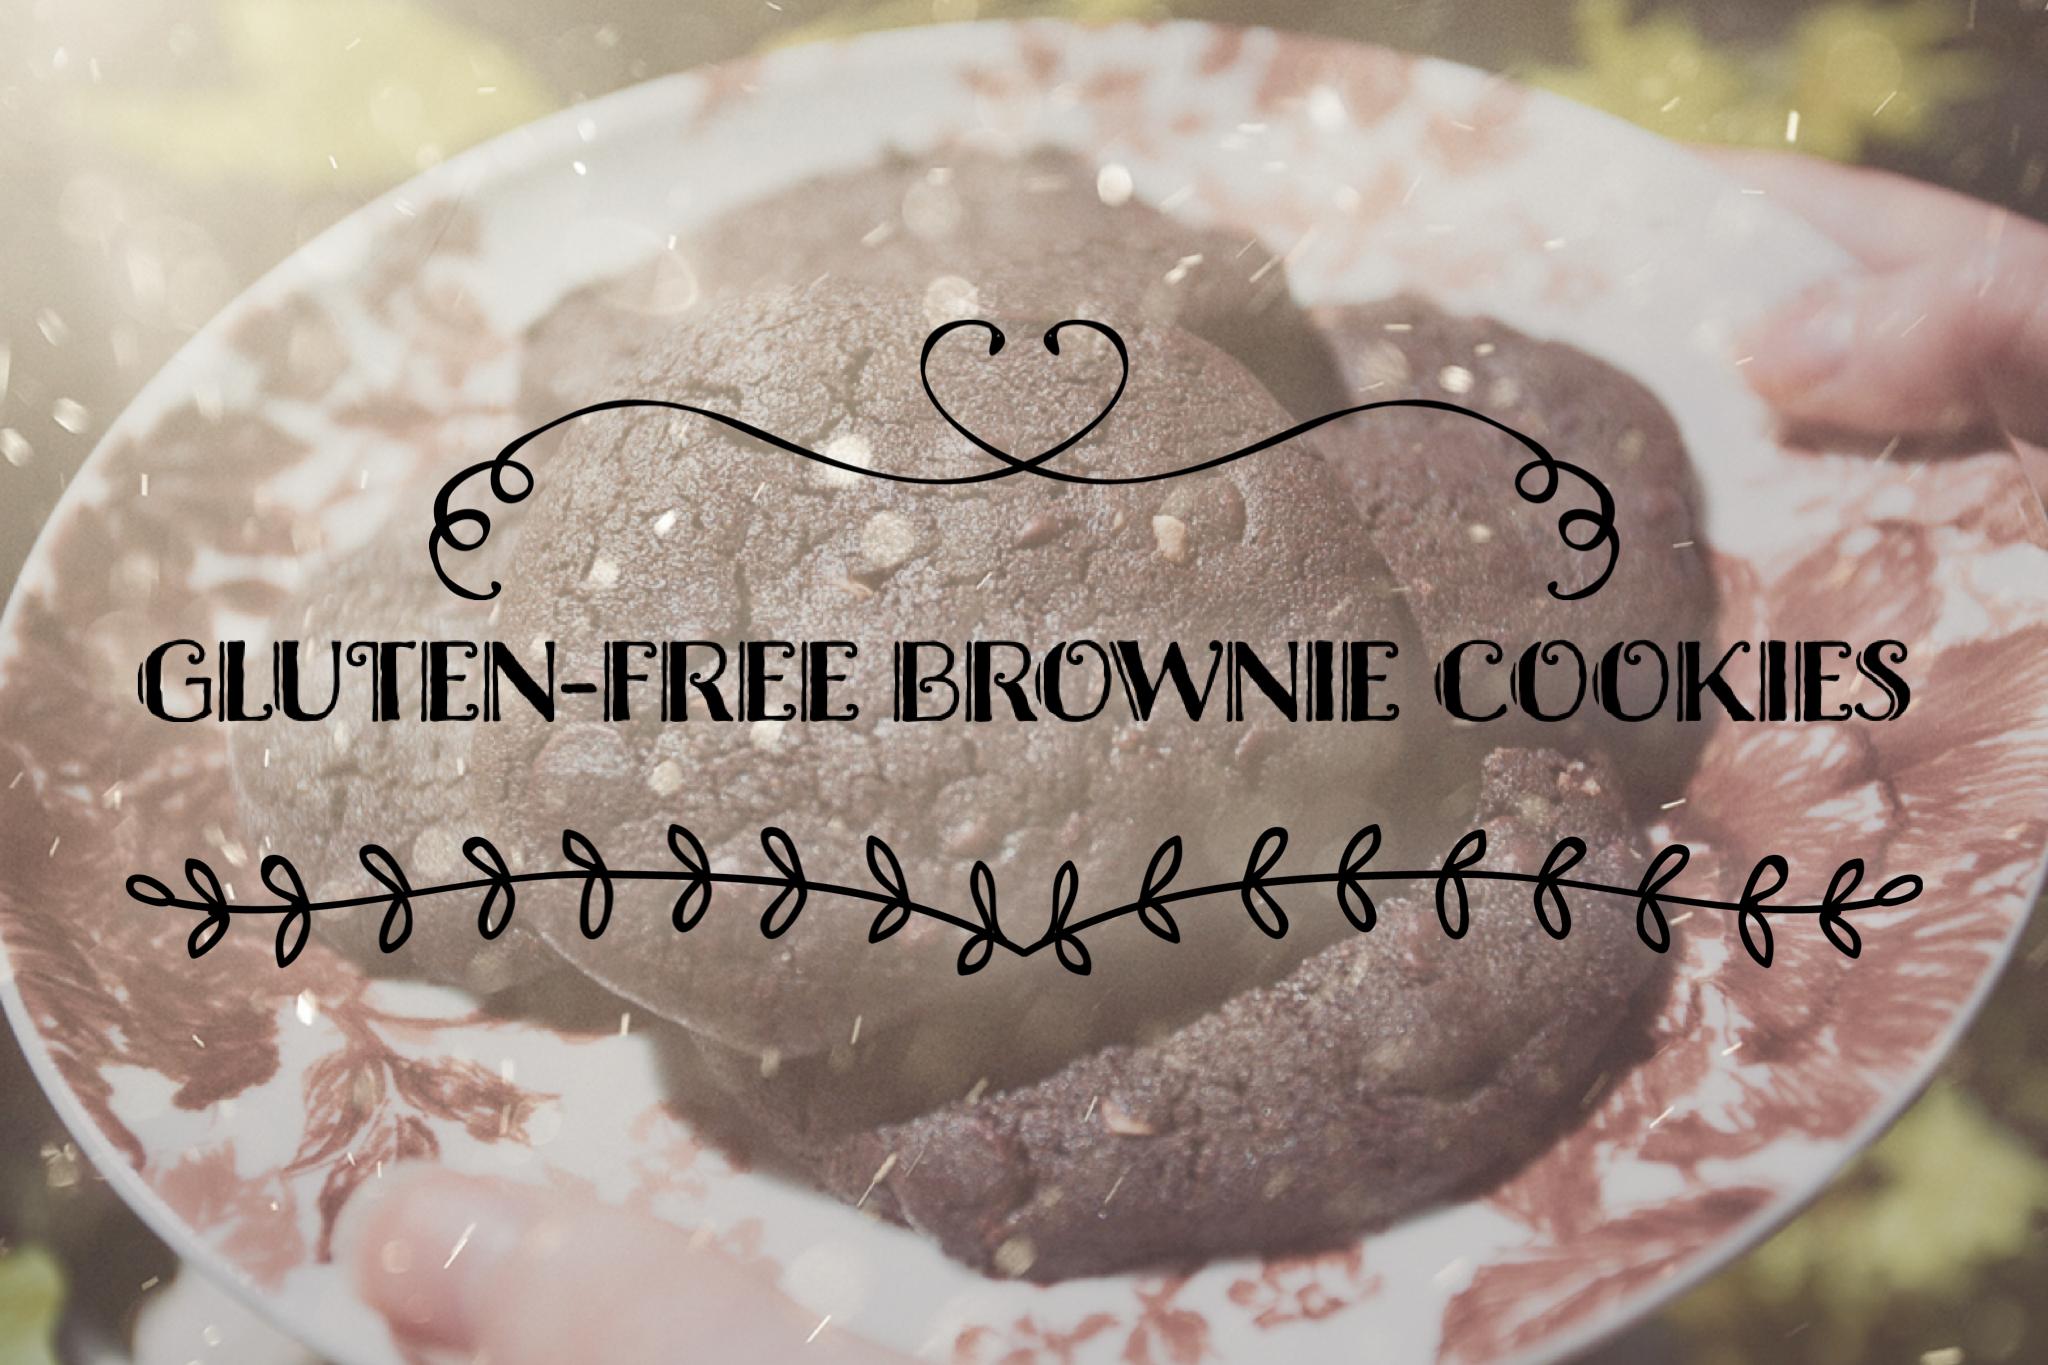 Gluten-free Brownie Cookies